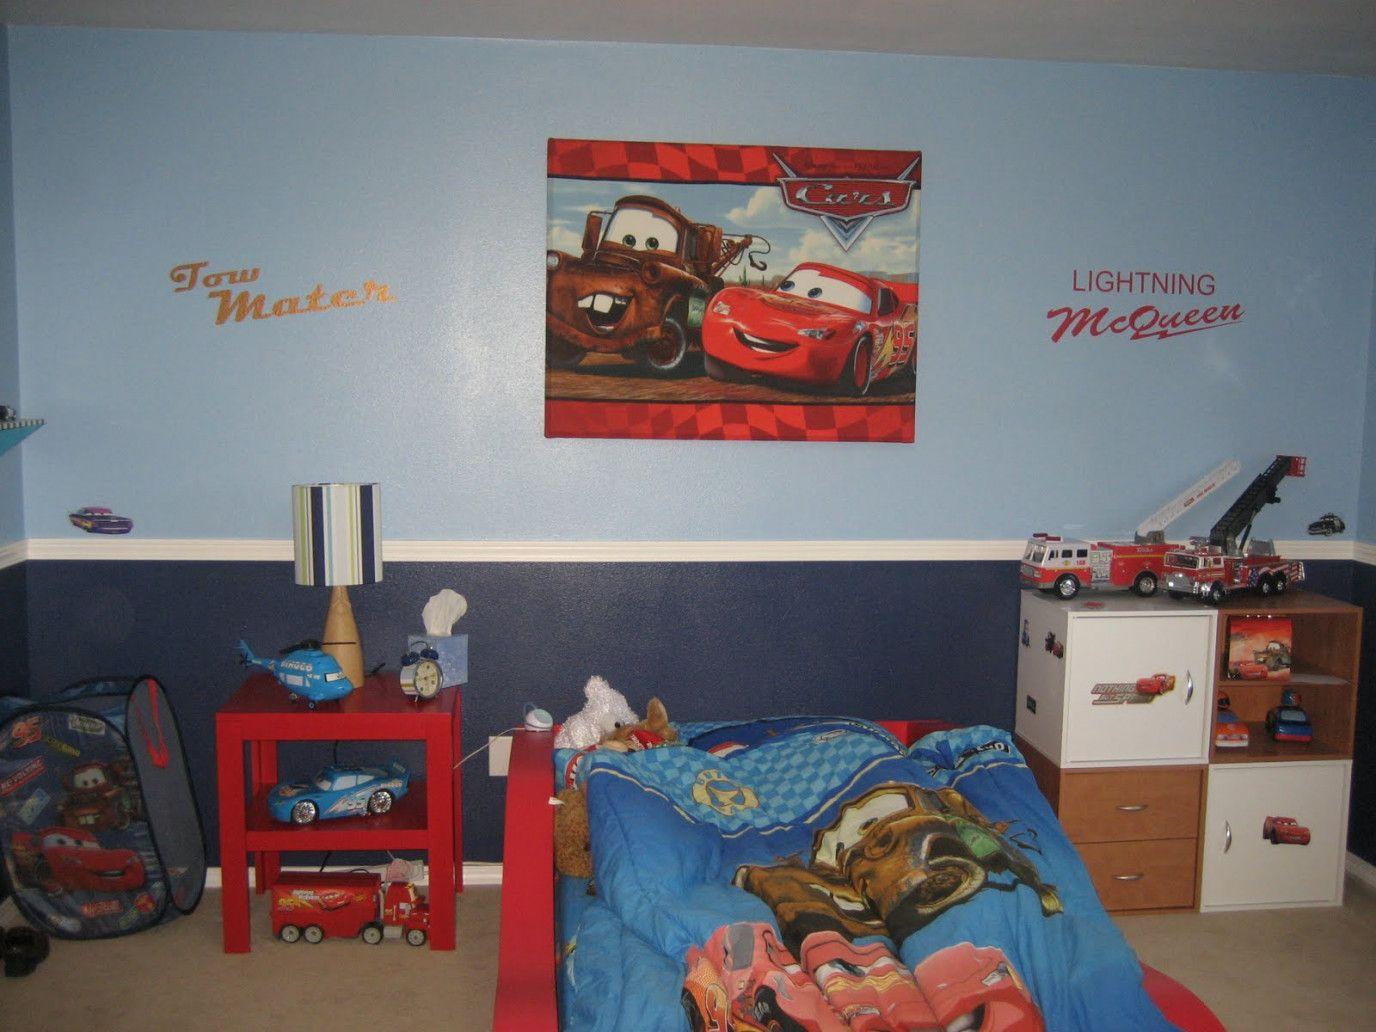 78+ Lightning Mcqueen Bedroom Decorating Ideas - Modern Bedroom Interior Design Check more at  & 78+ Lightning Mcqueen Bedroom Decorating Ideas - Modern Bedroom ...